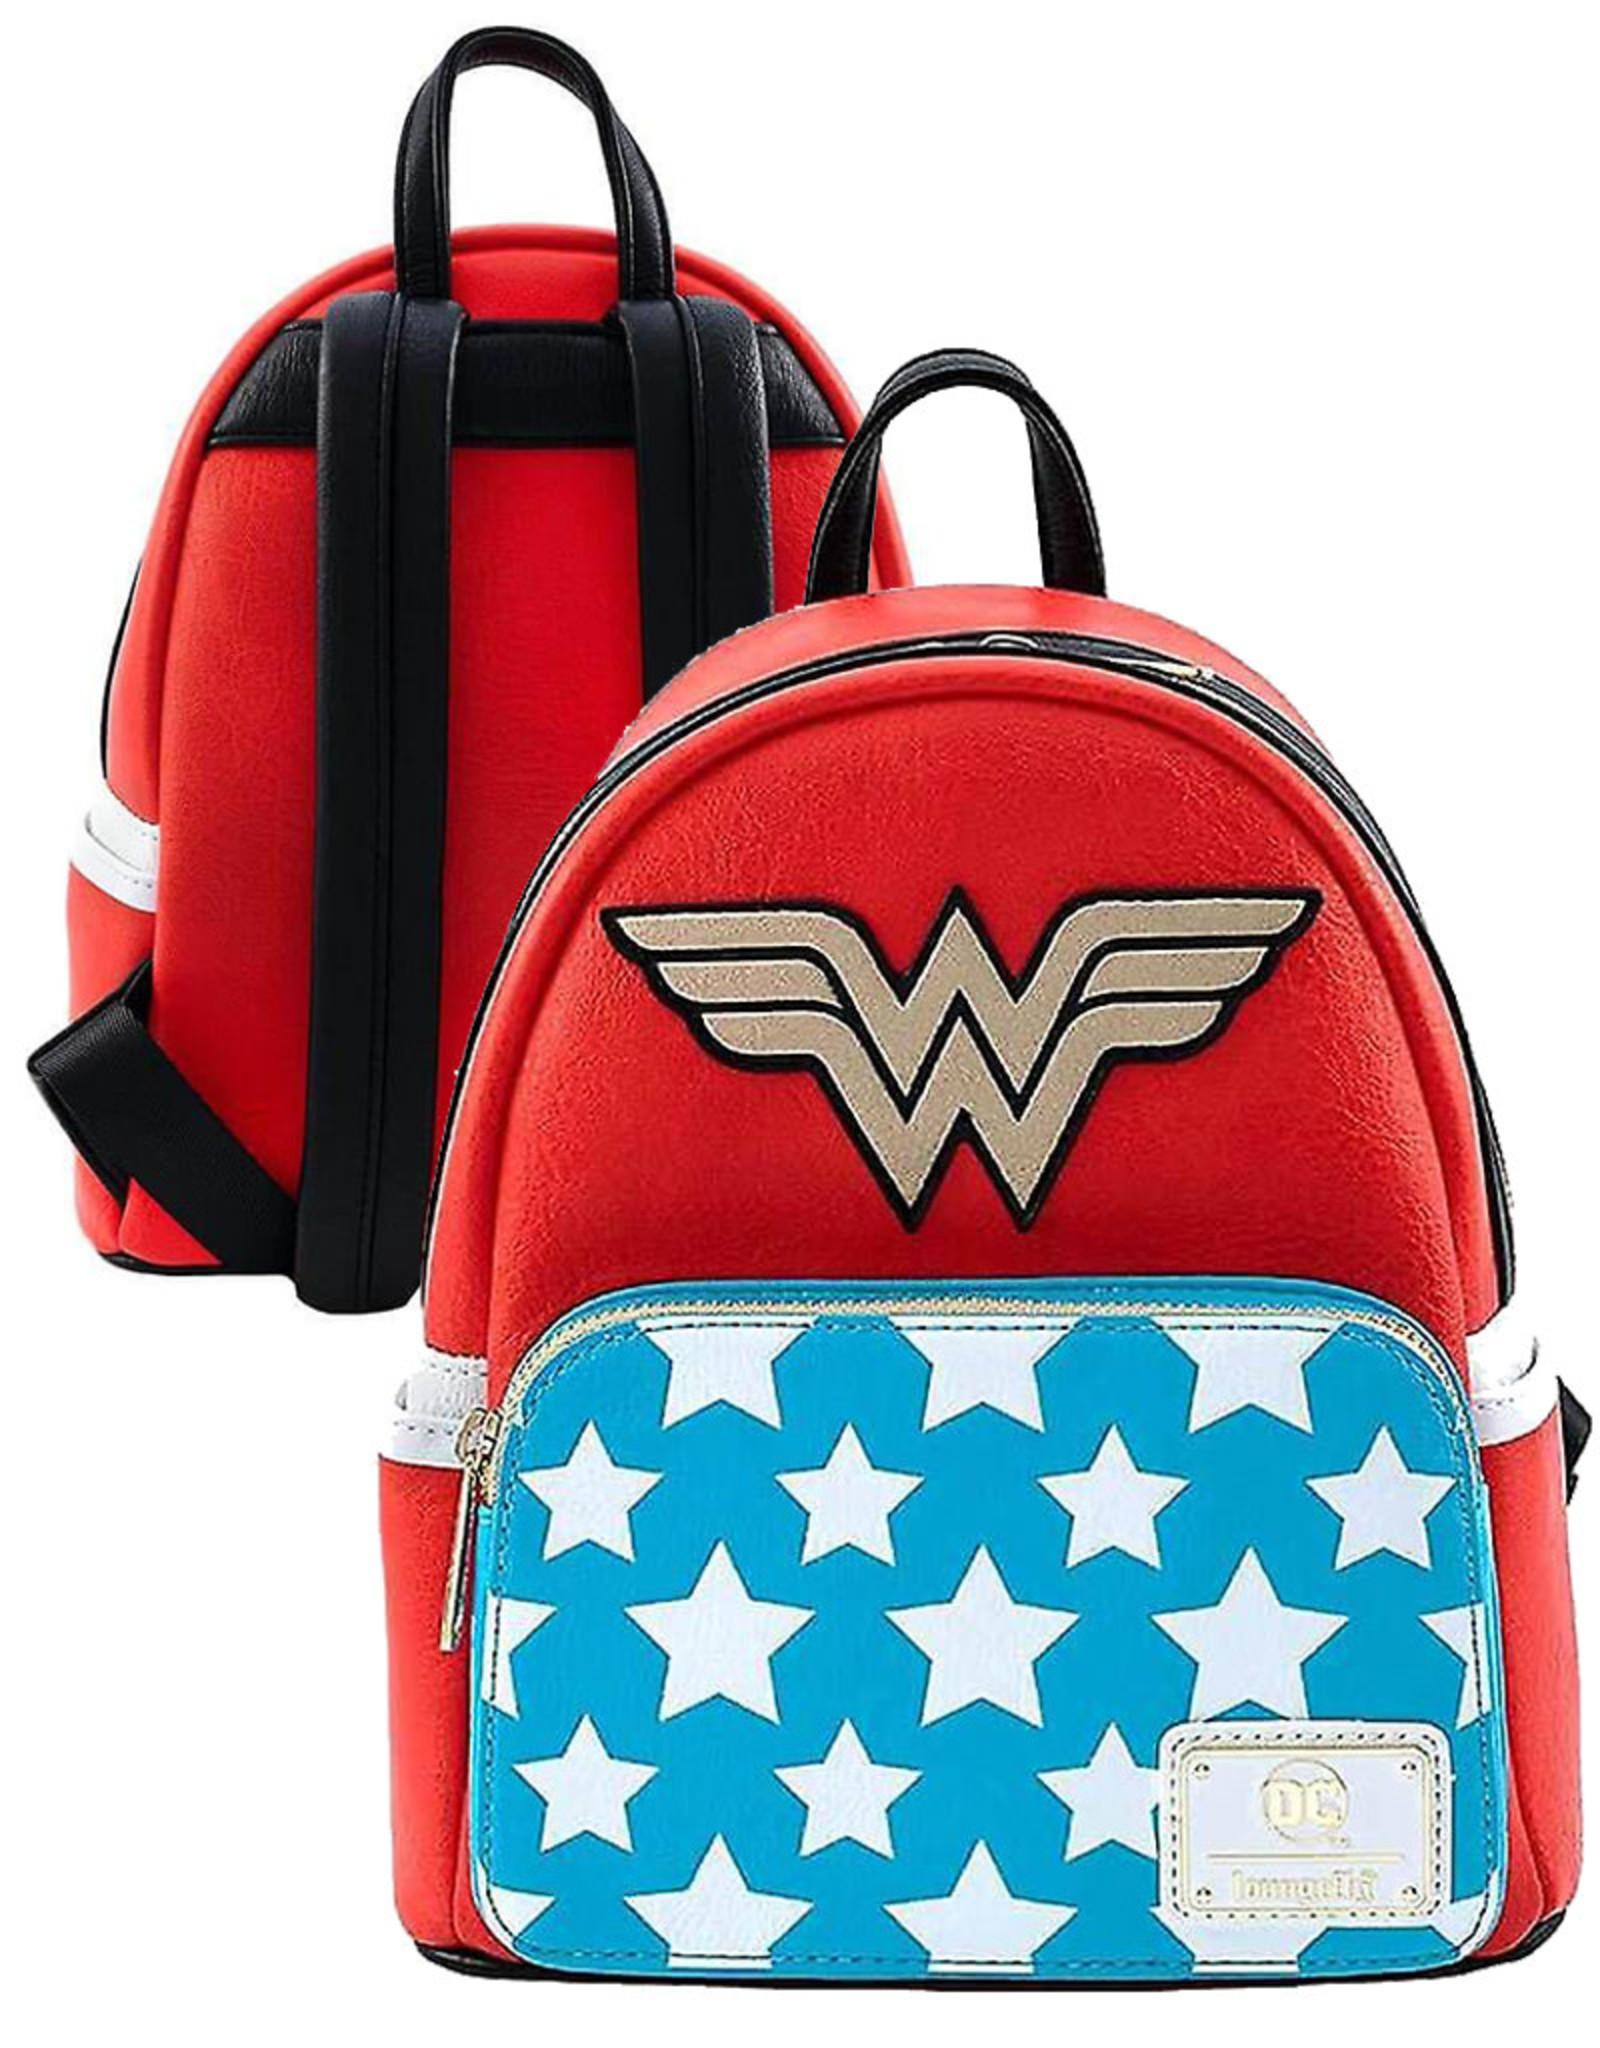 Dc comics Dc Comics ( Loungefly Mini Backpack) Wonder Woman